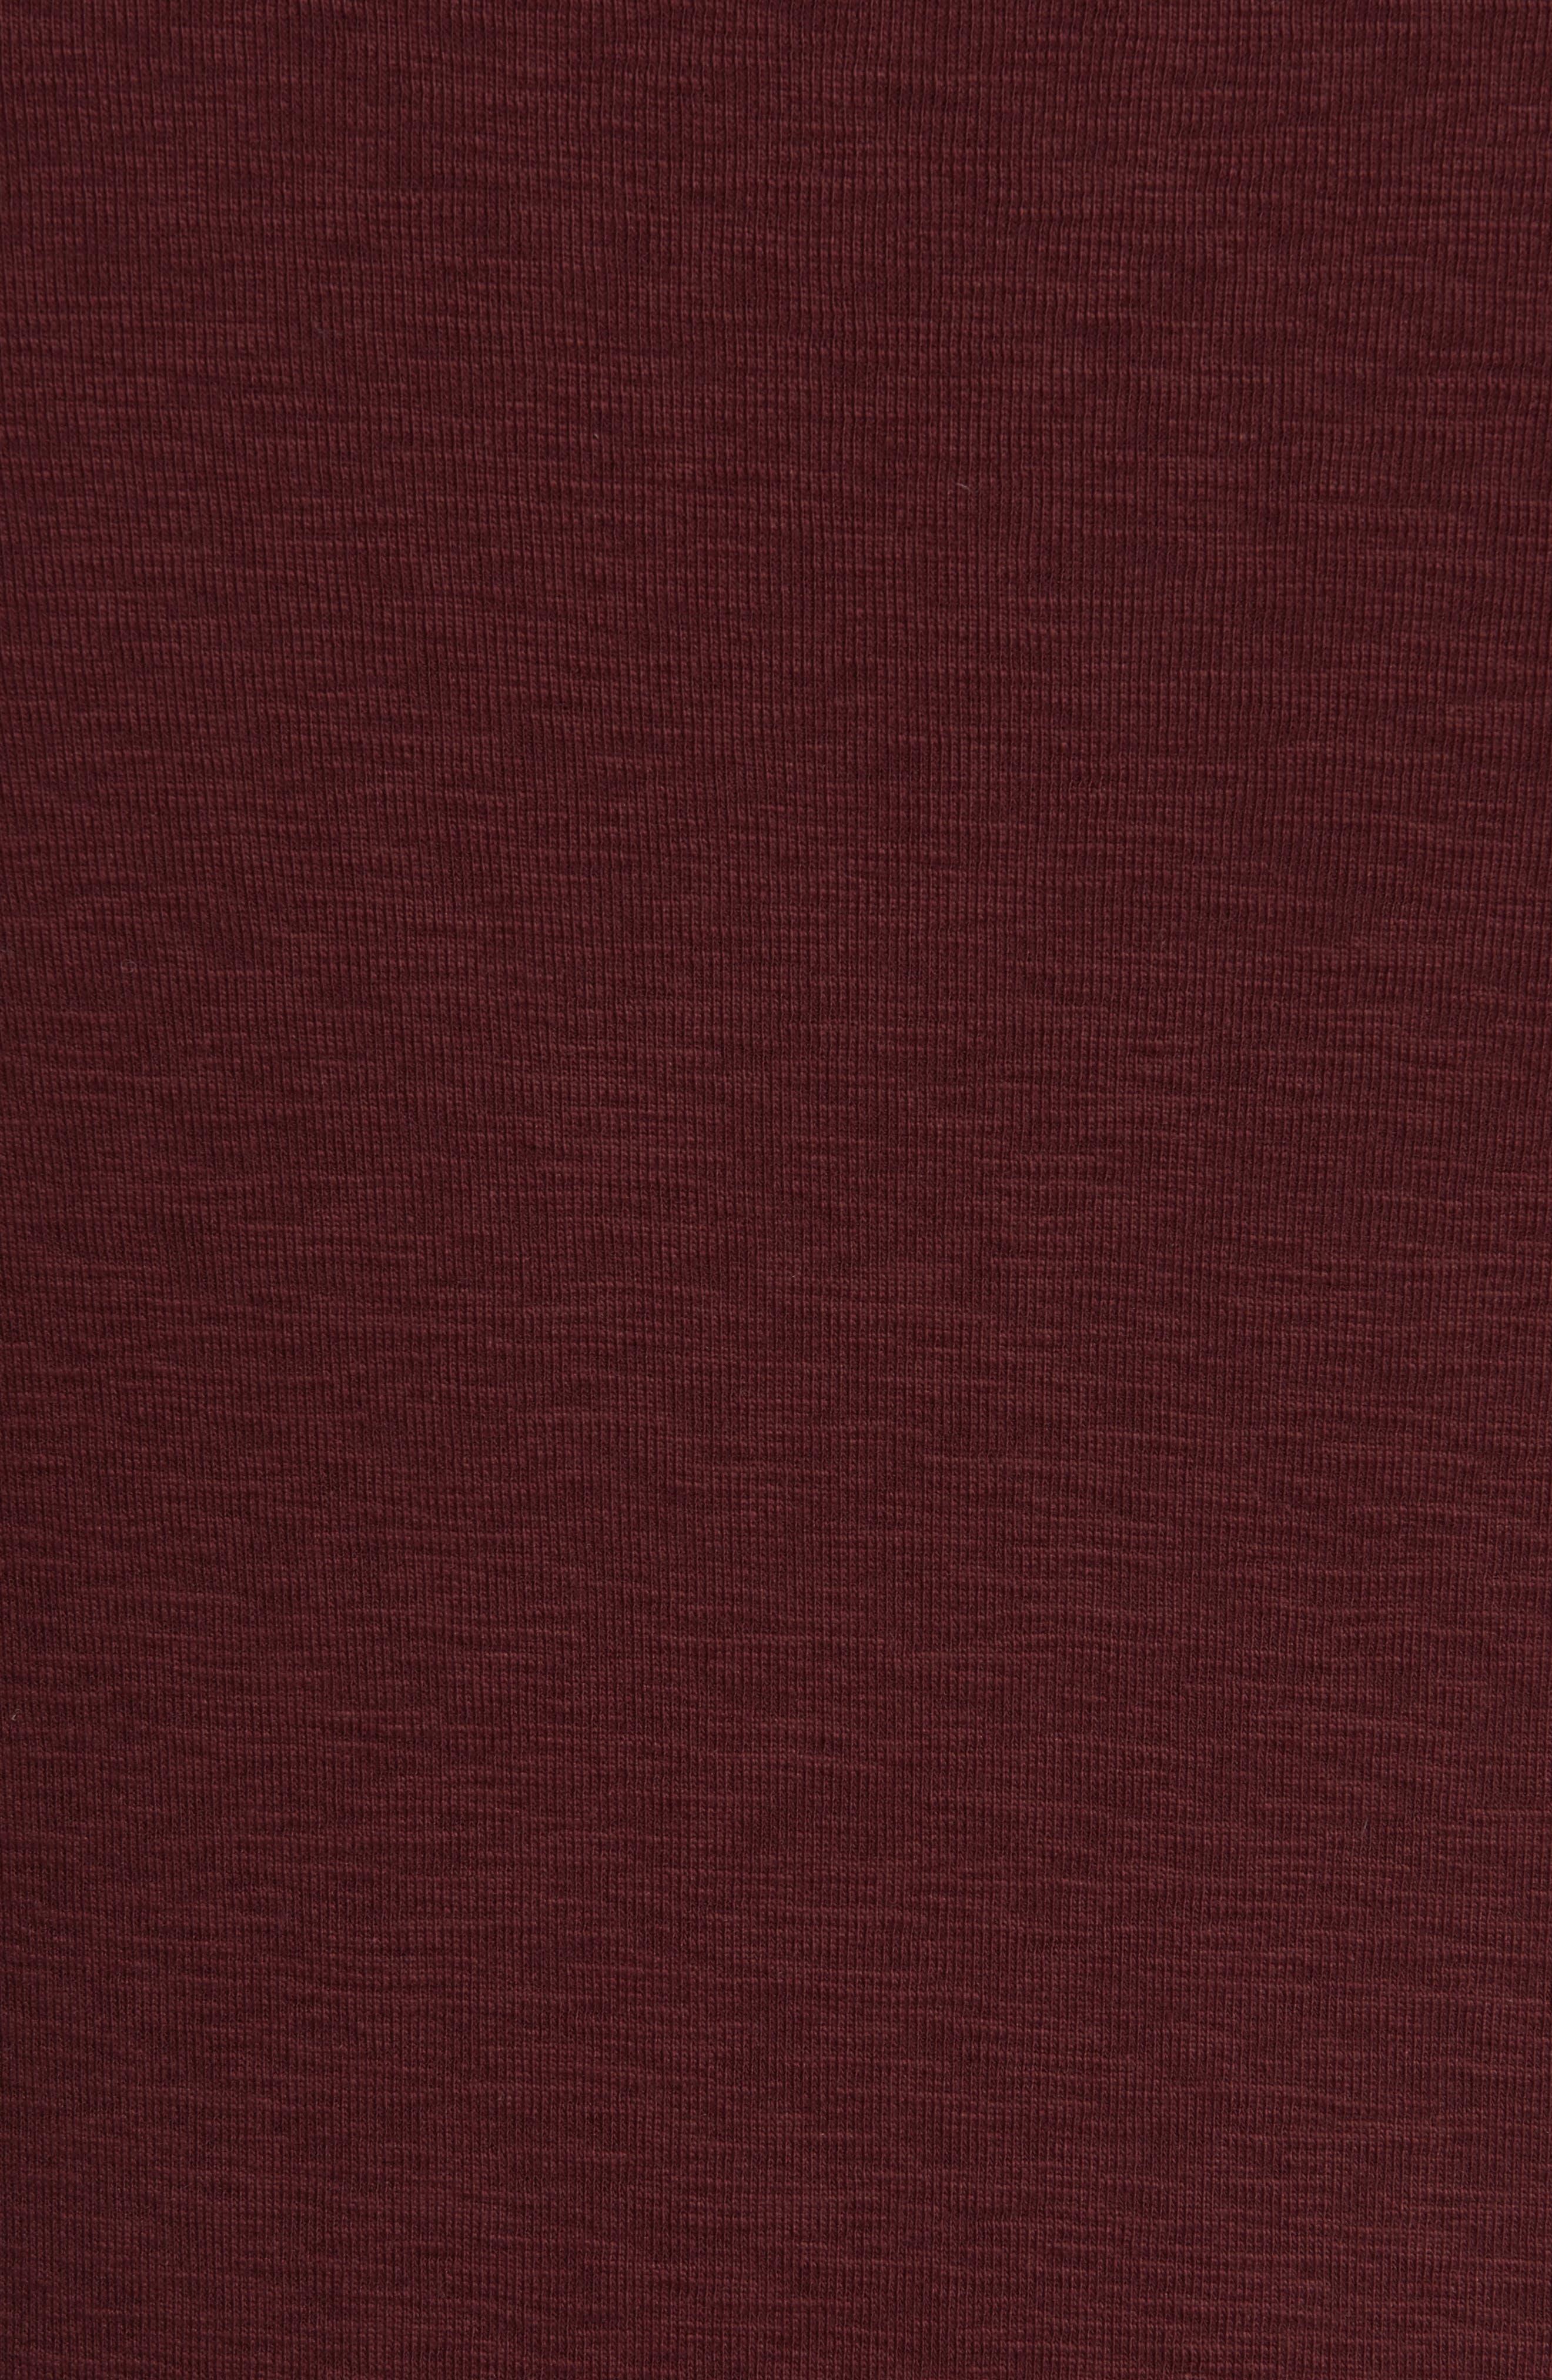 Ribbed Slub Cotton T-Shirt,                             Alternate thumbnail 5, color,                             Oxblood